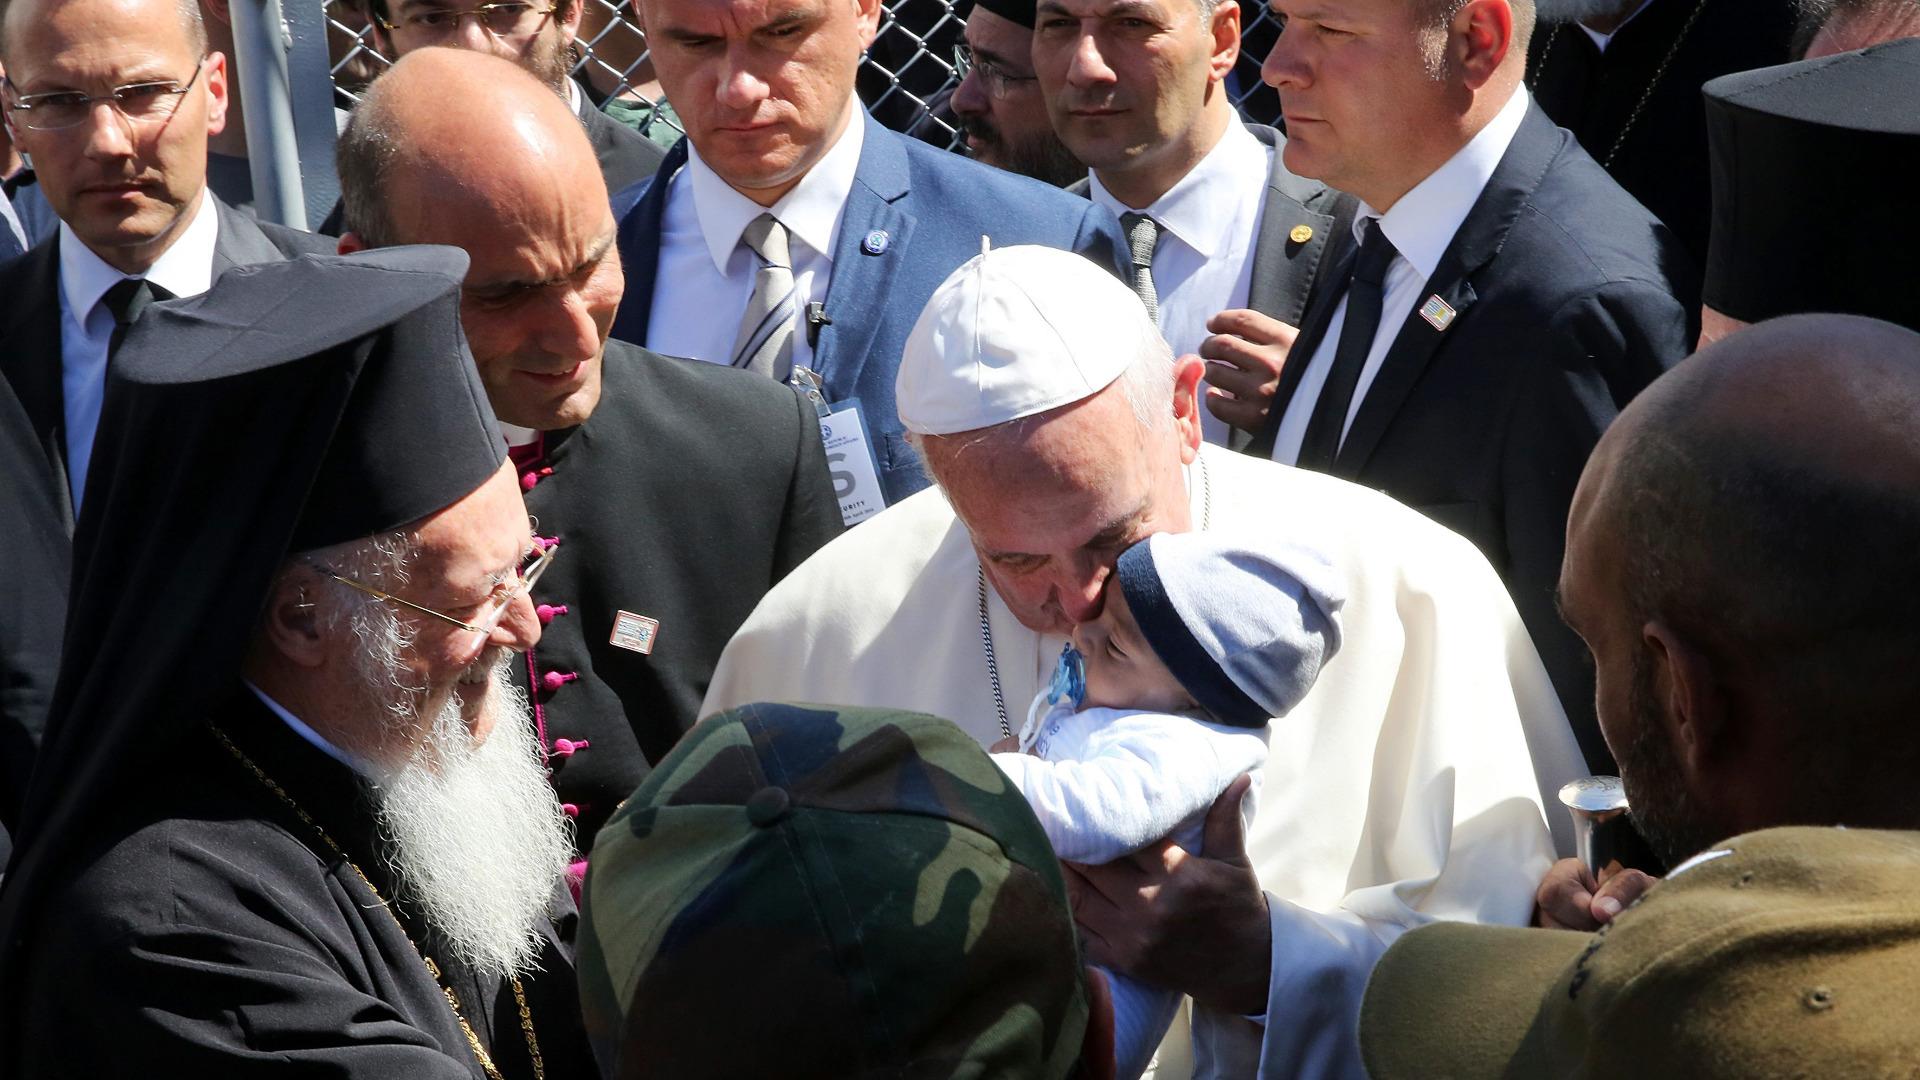 Papa Patriarh Lesbos bgnes